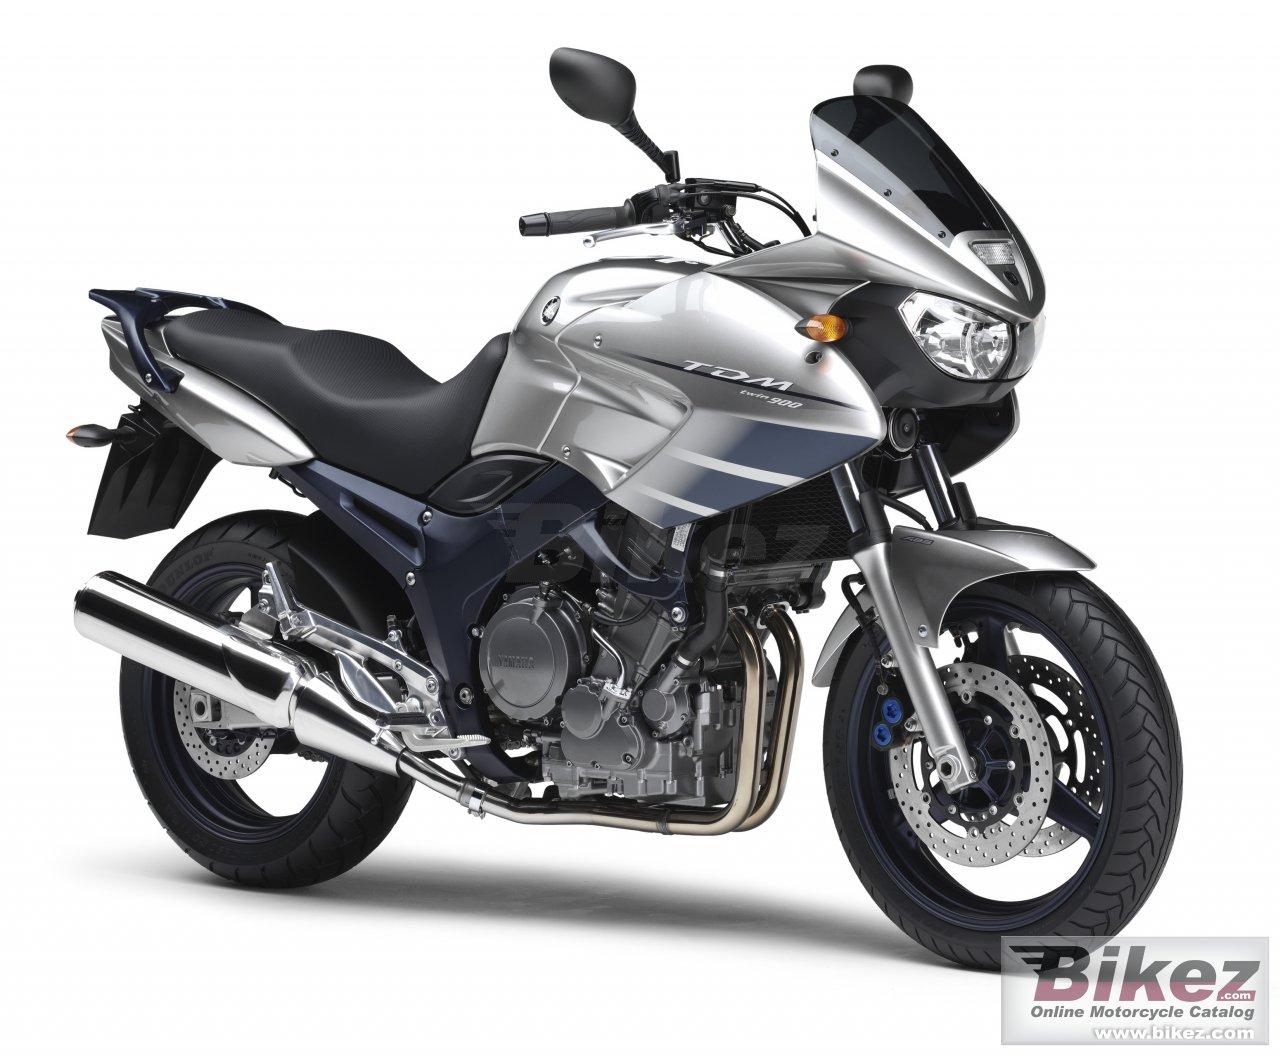 Yamaha Motorcycle Wallpaper